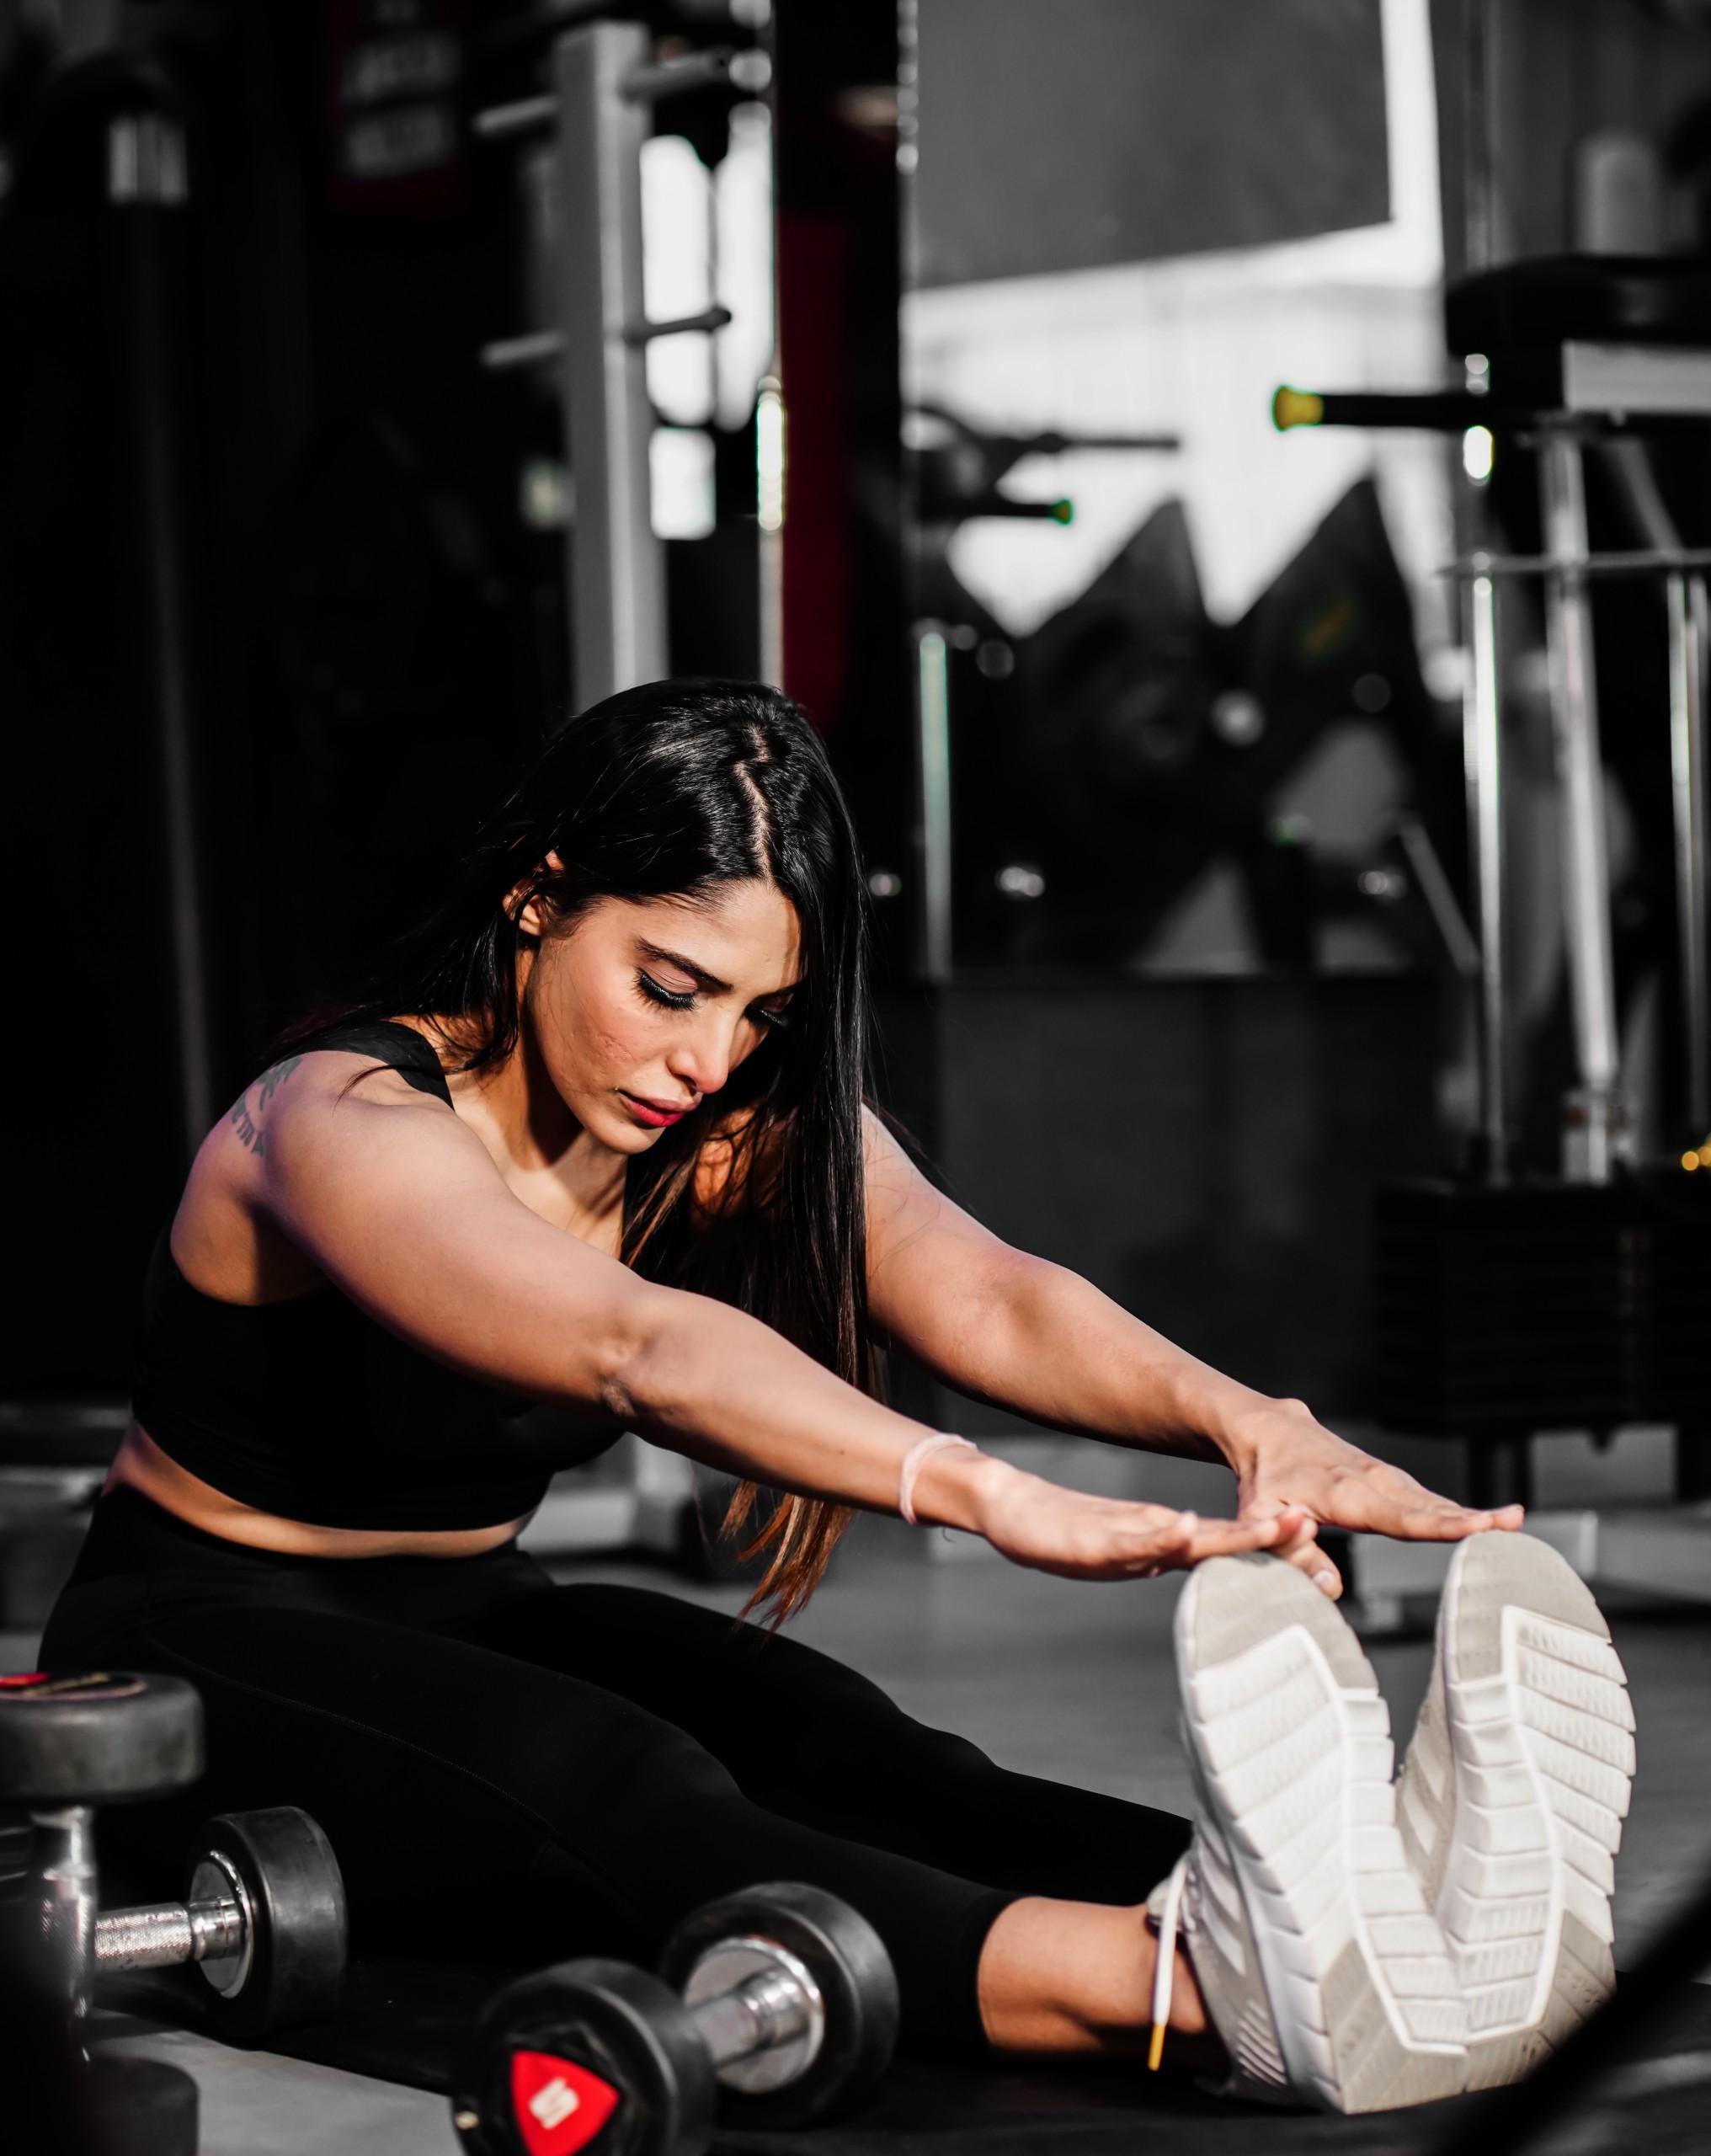 Woman sport gym training